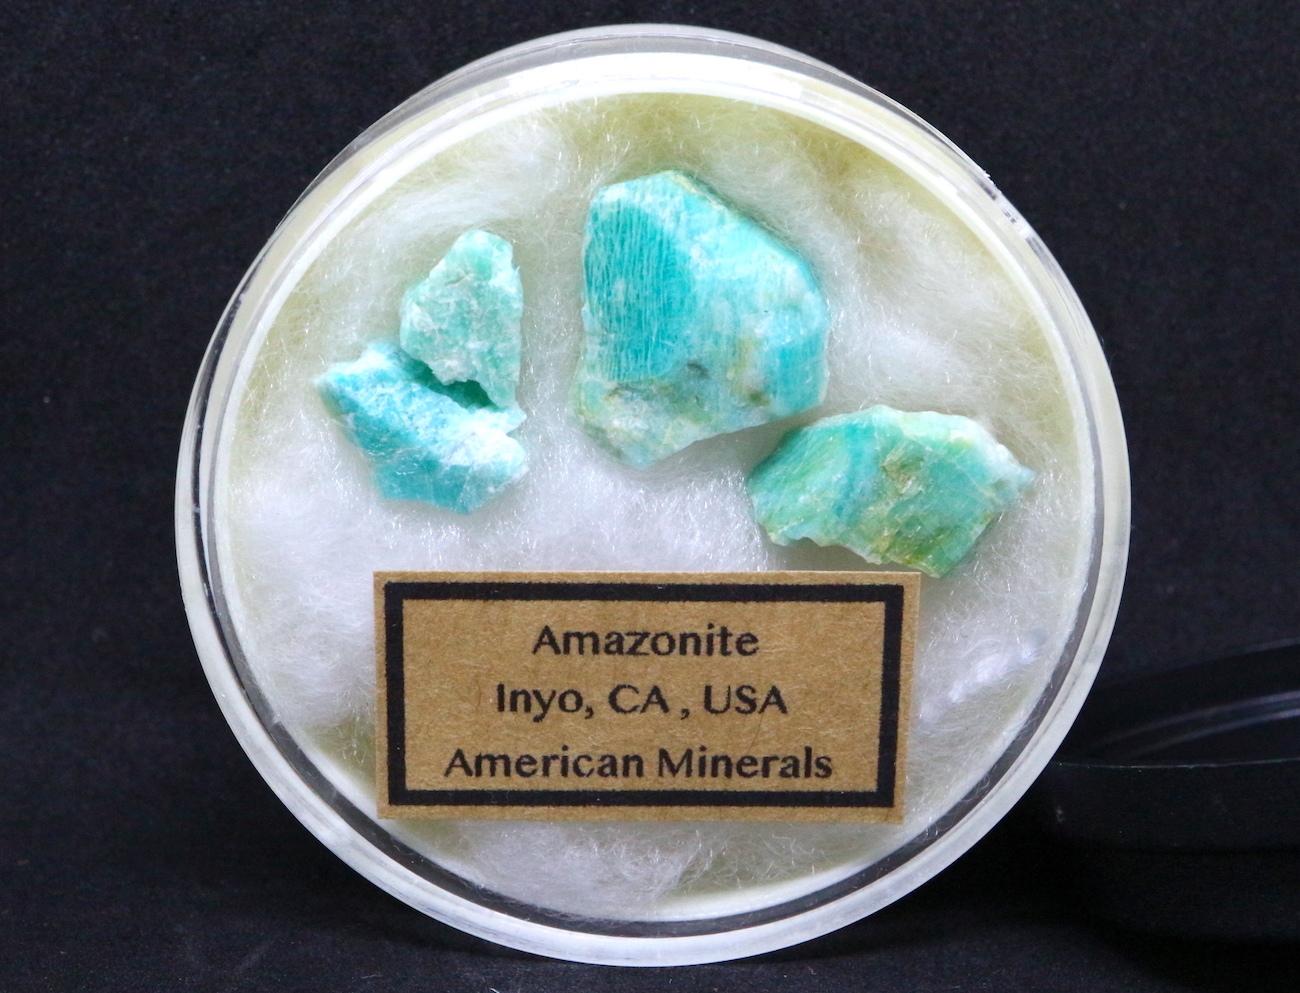 【鉱物セット】自主採掘 アマゾナイト カリフォルニア産 ケース入り